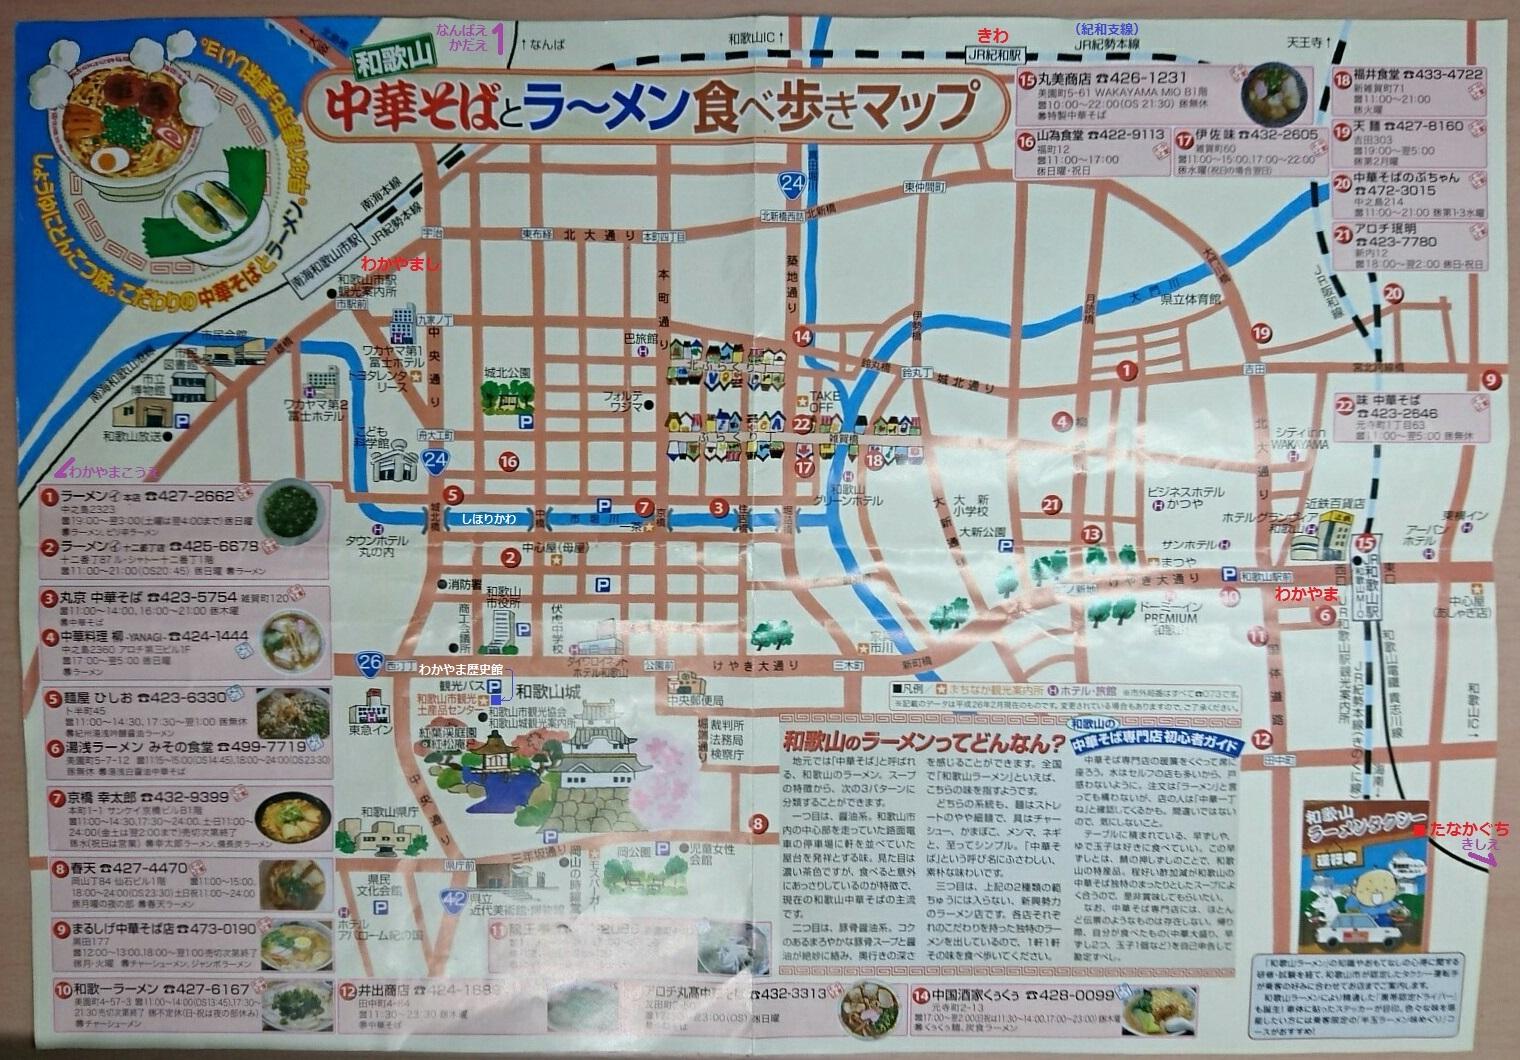 和歌山の中華そばとラーメンたべあるき地図 1520-1060